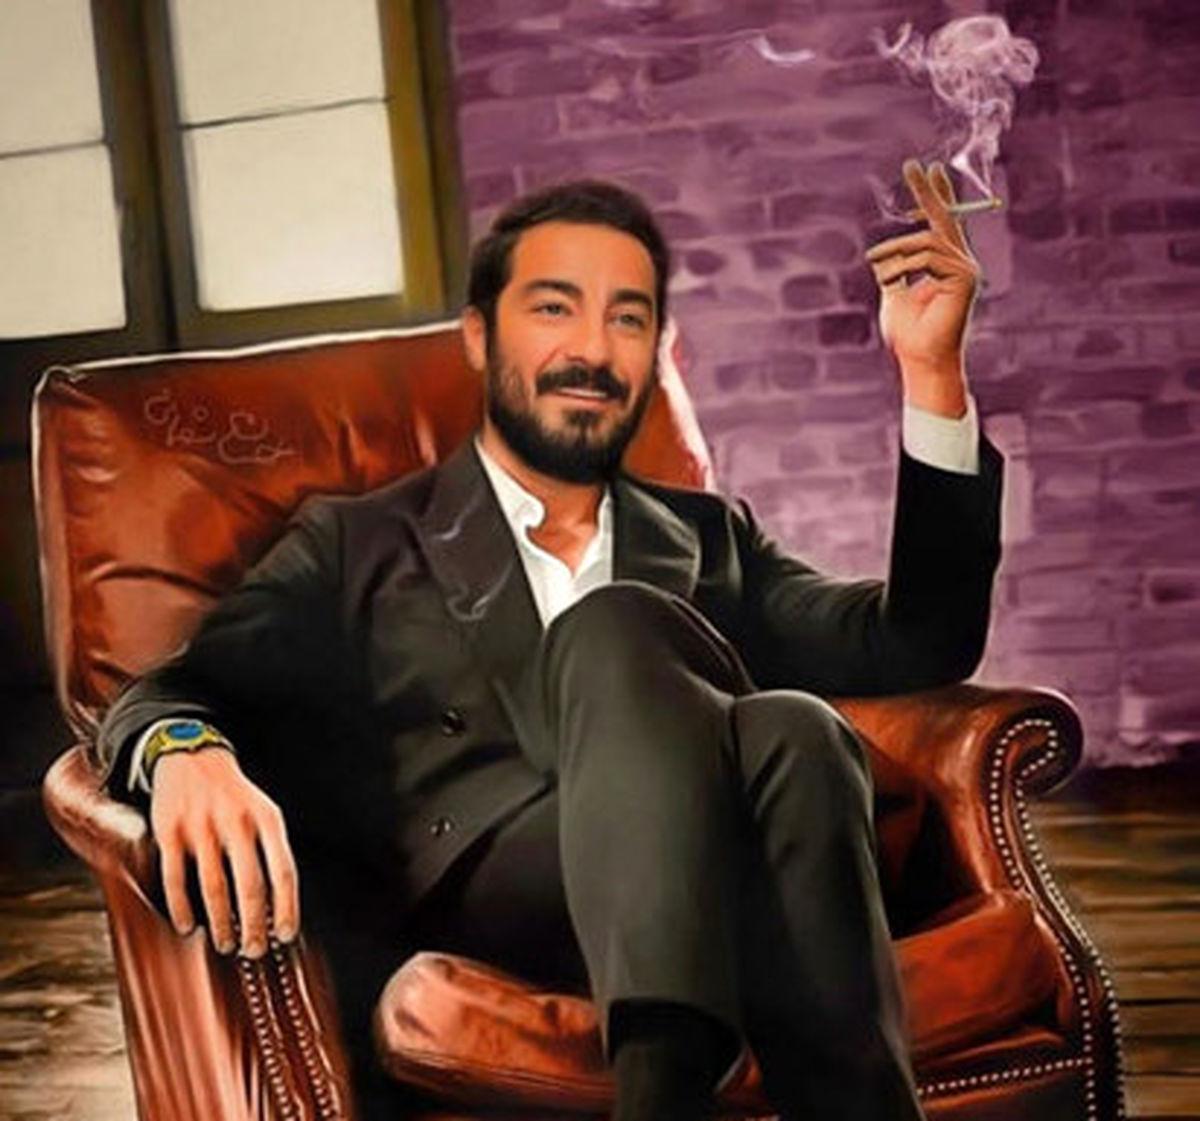 درآمد میلیاردی و سرسام آور نوید محمدزاده لو رفت + عکس